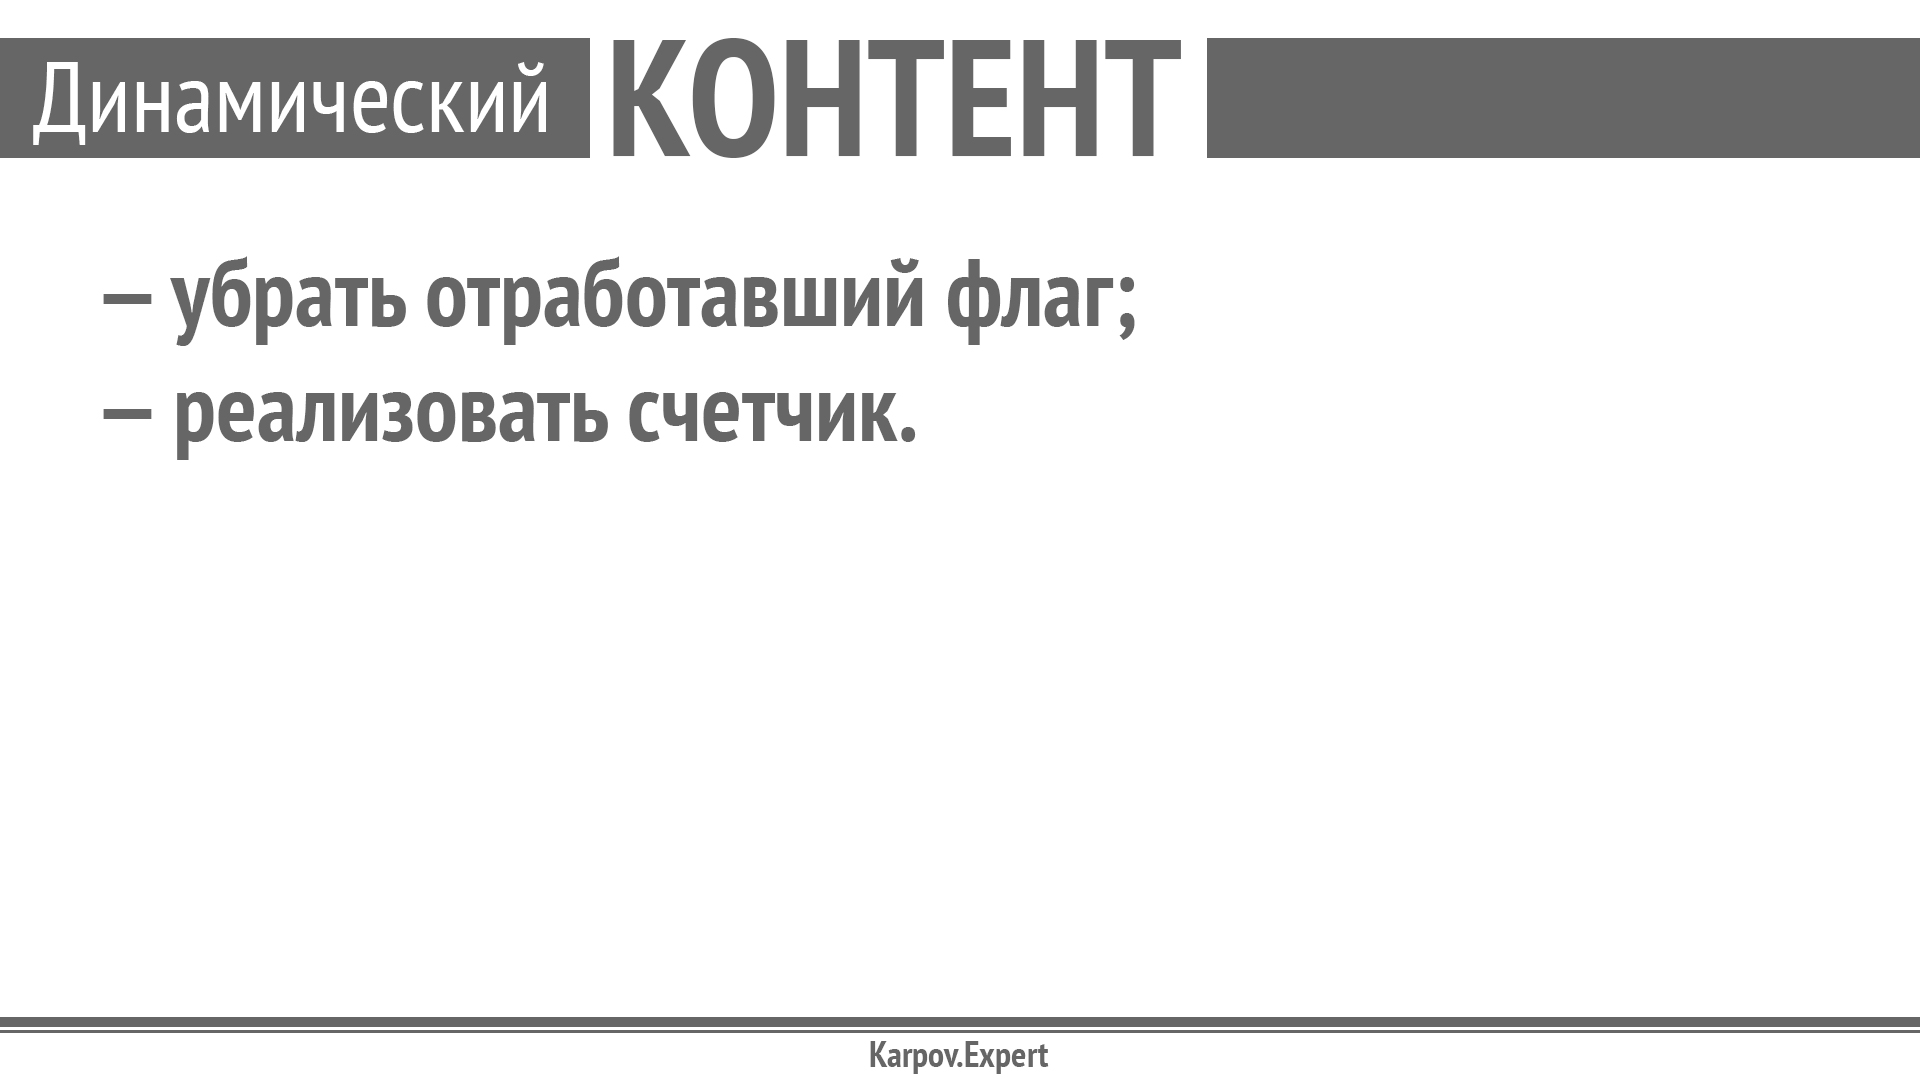 Karpov-WordCamp2019_Page_48